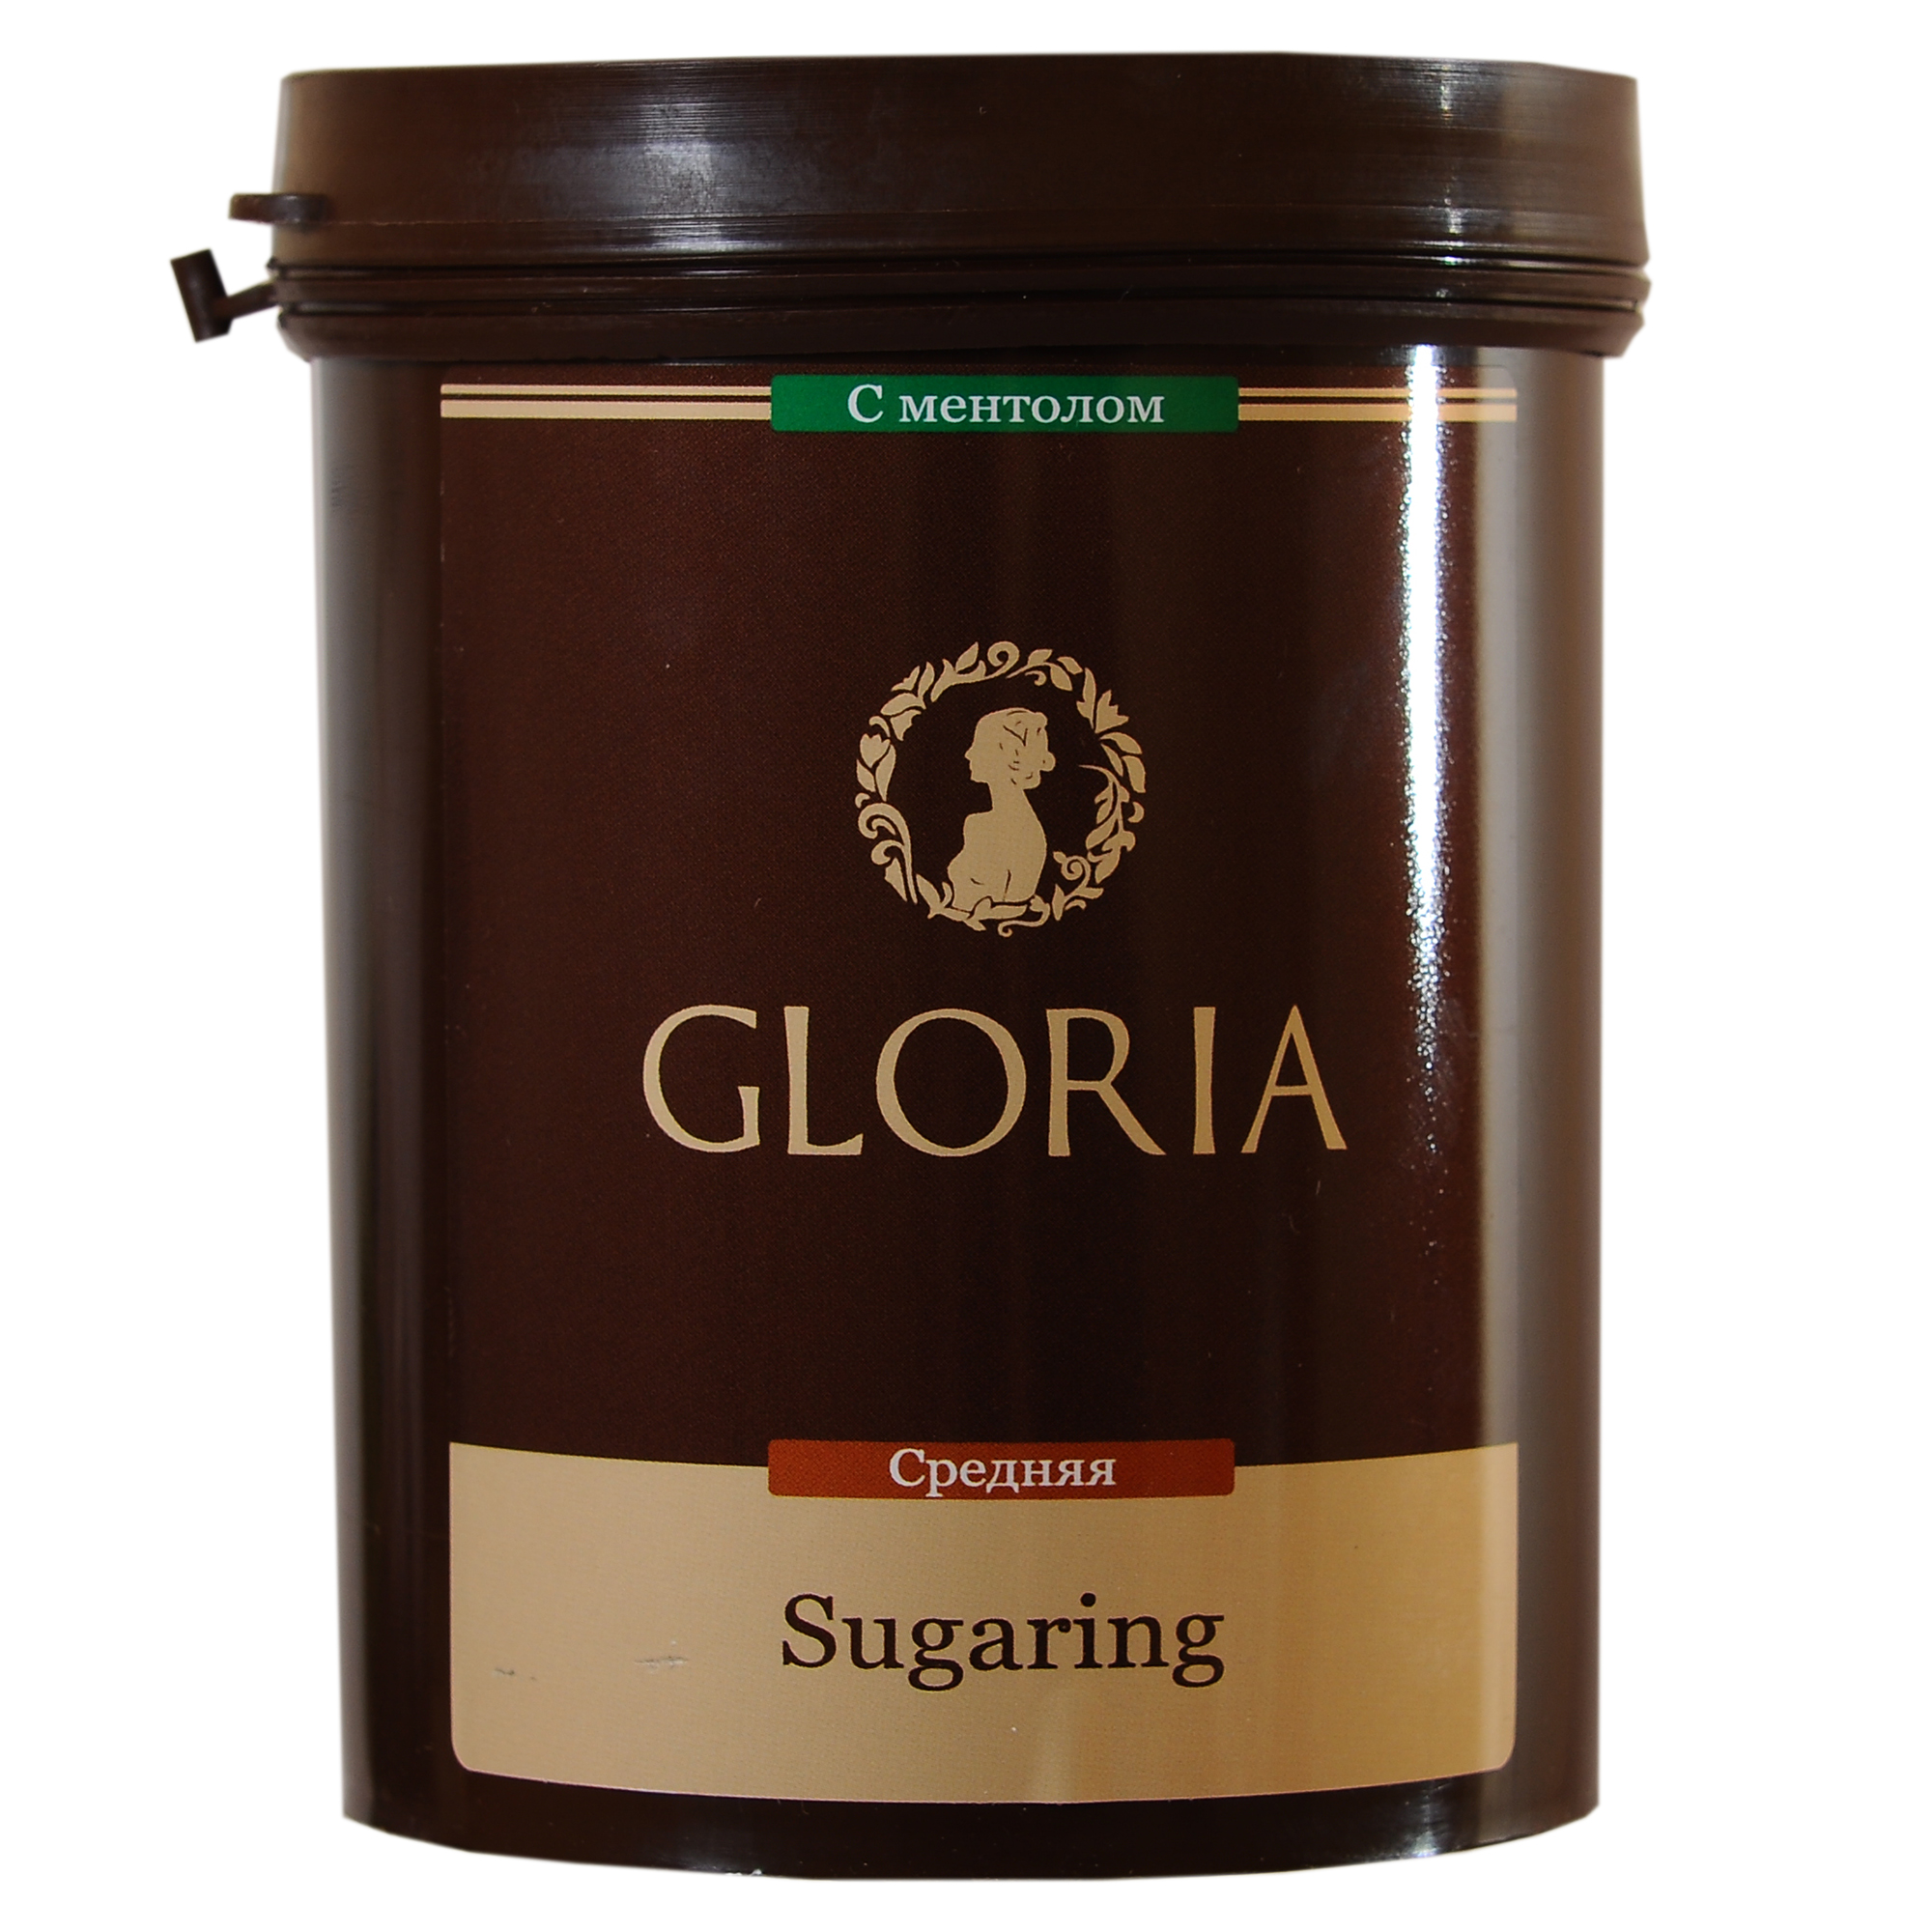 GLORIA Паста для шугаринга Gloria средняя с ментолом 0,8 кг